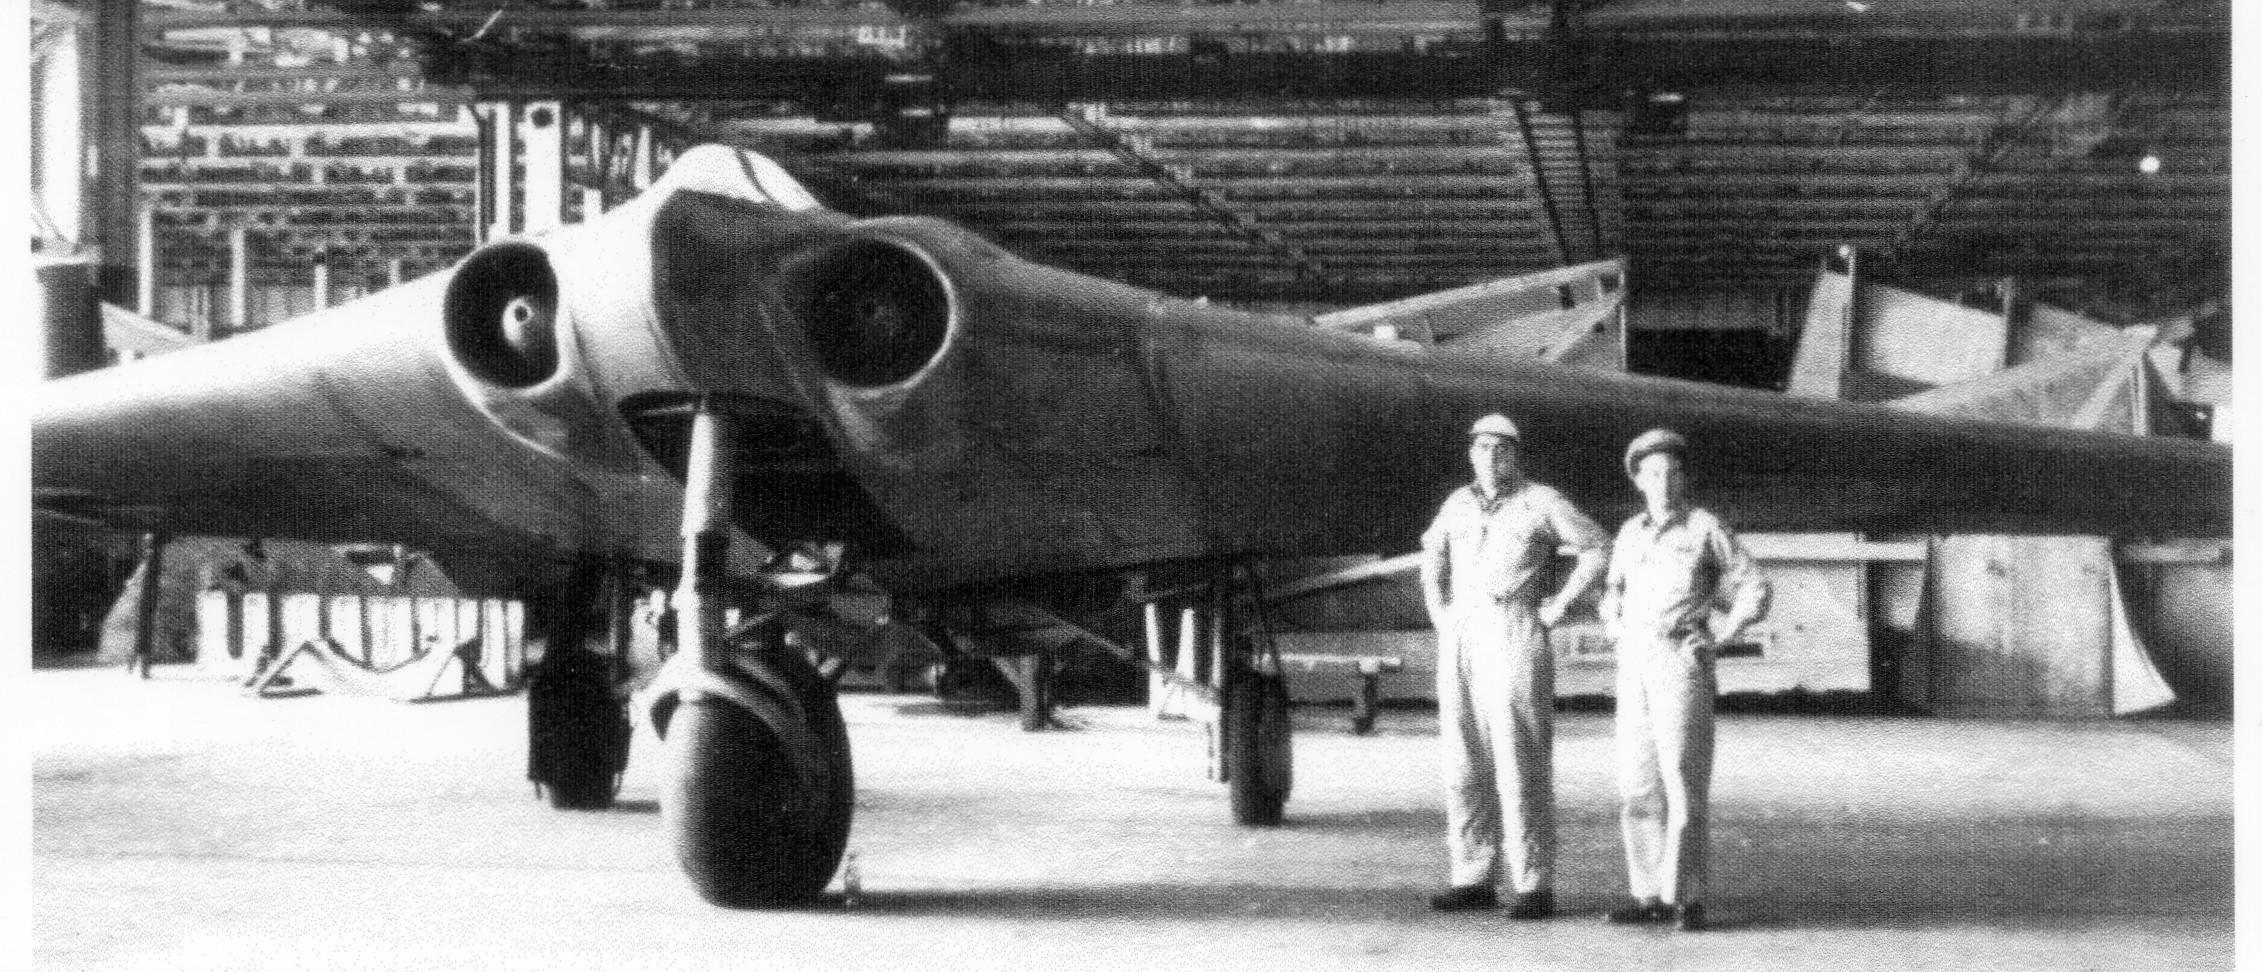 Horten from 1950